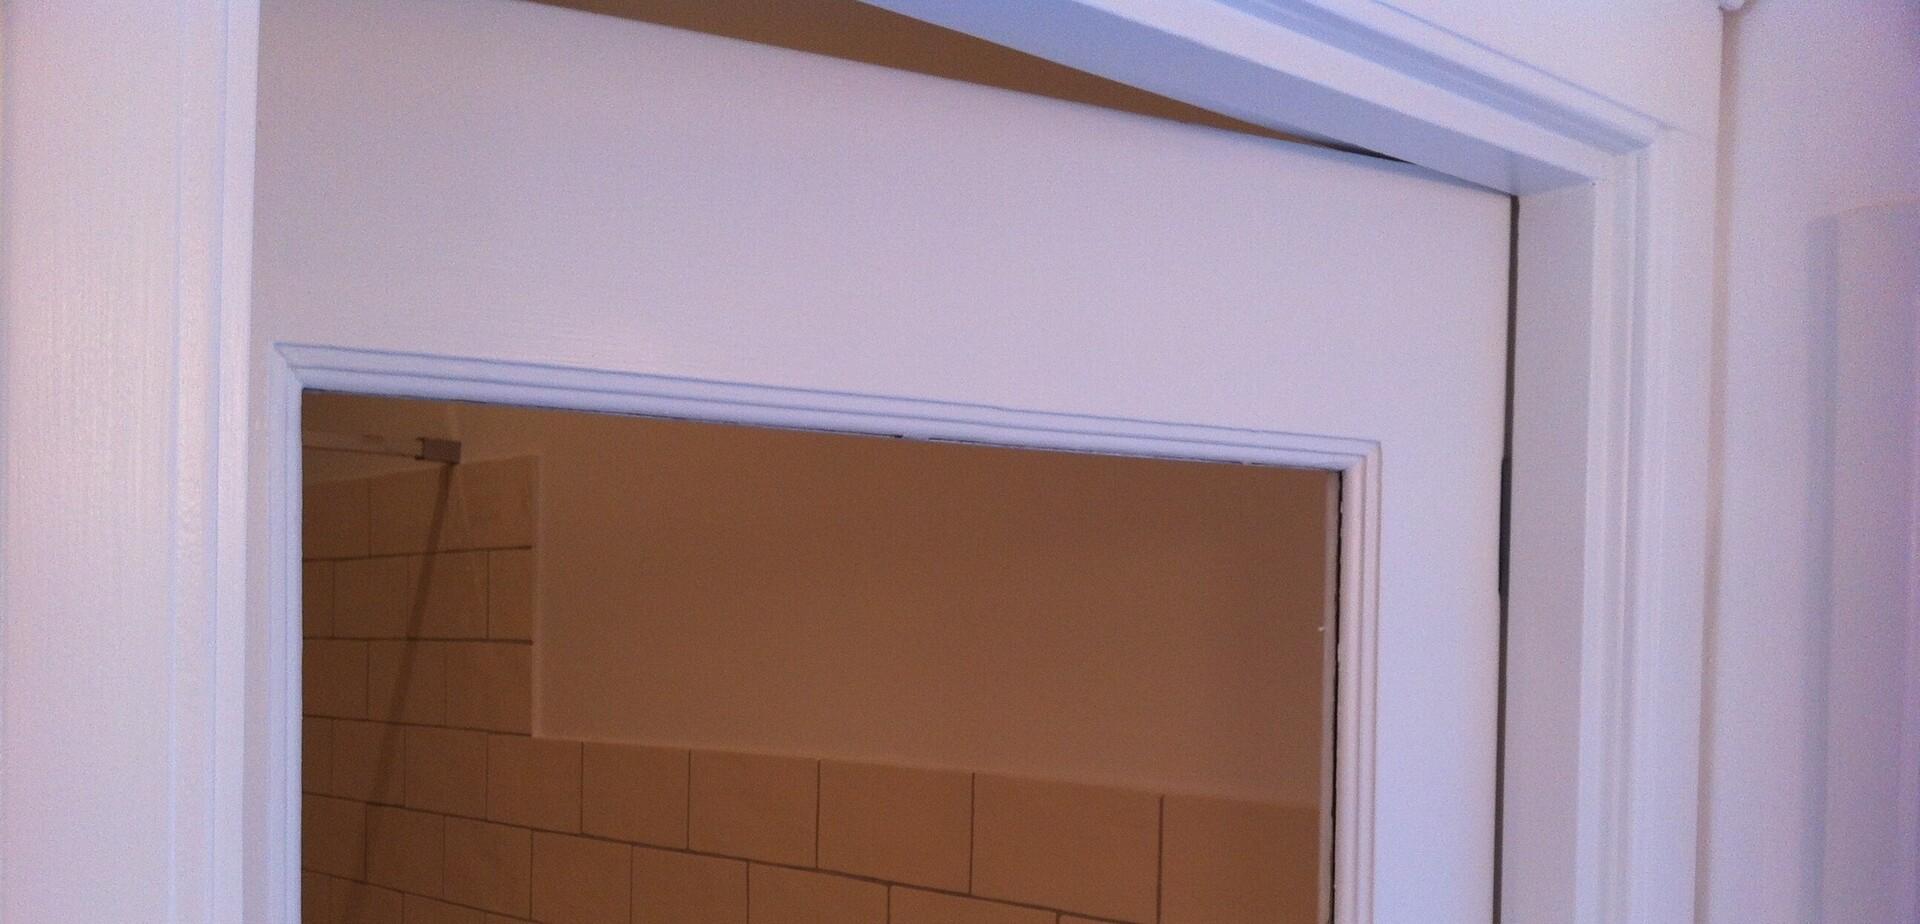 Mettre une vitre dans une porte int rieure pour les makers for Vitre pour porte interieure